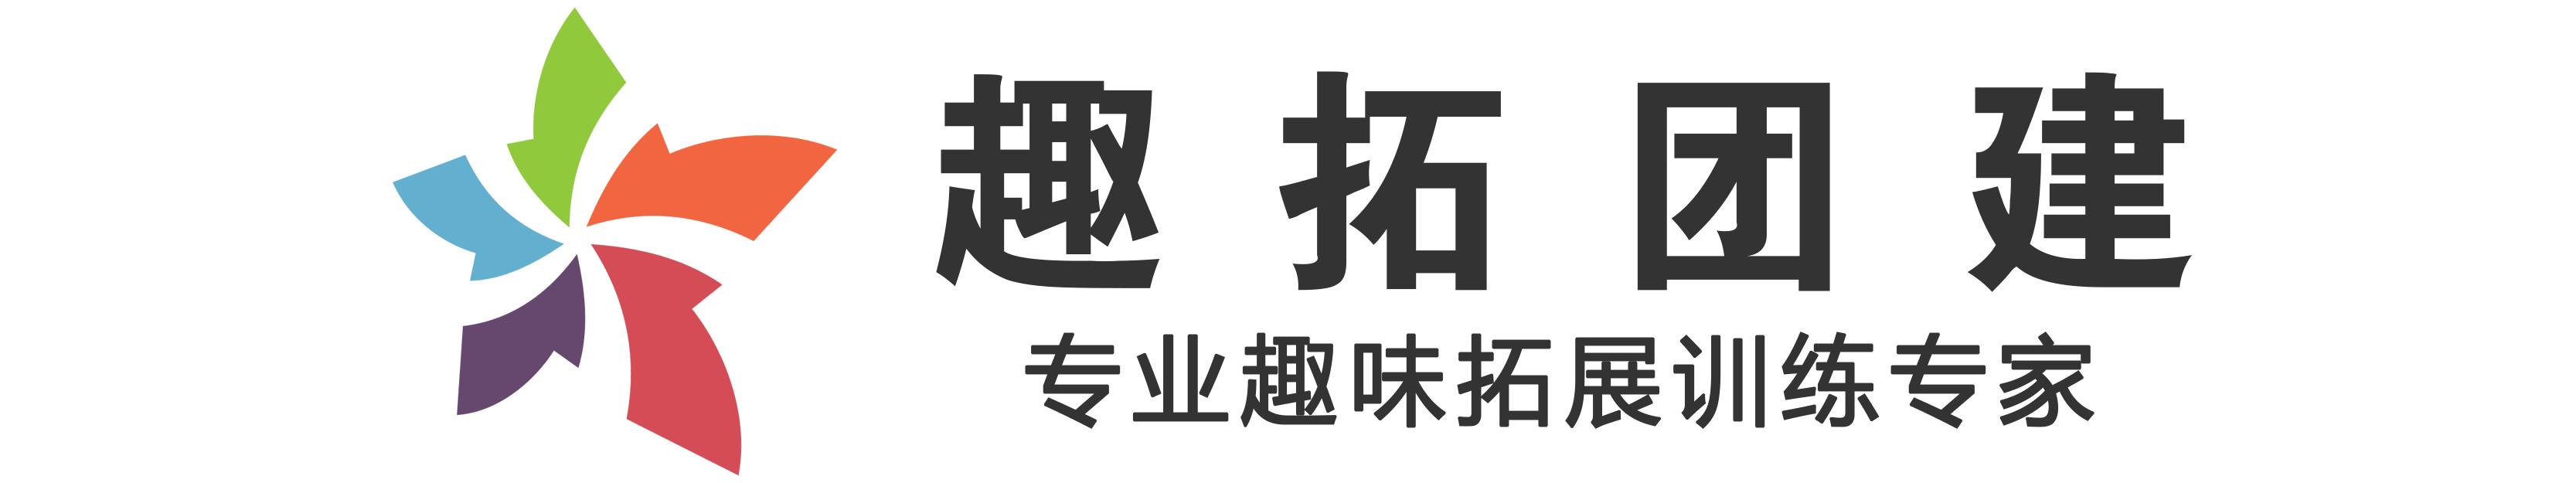 深圳拓展训练_一站式承接个性化深圳企业拓展训练解决方案